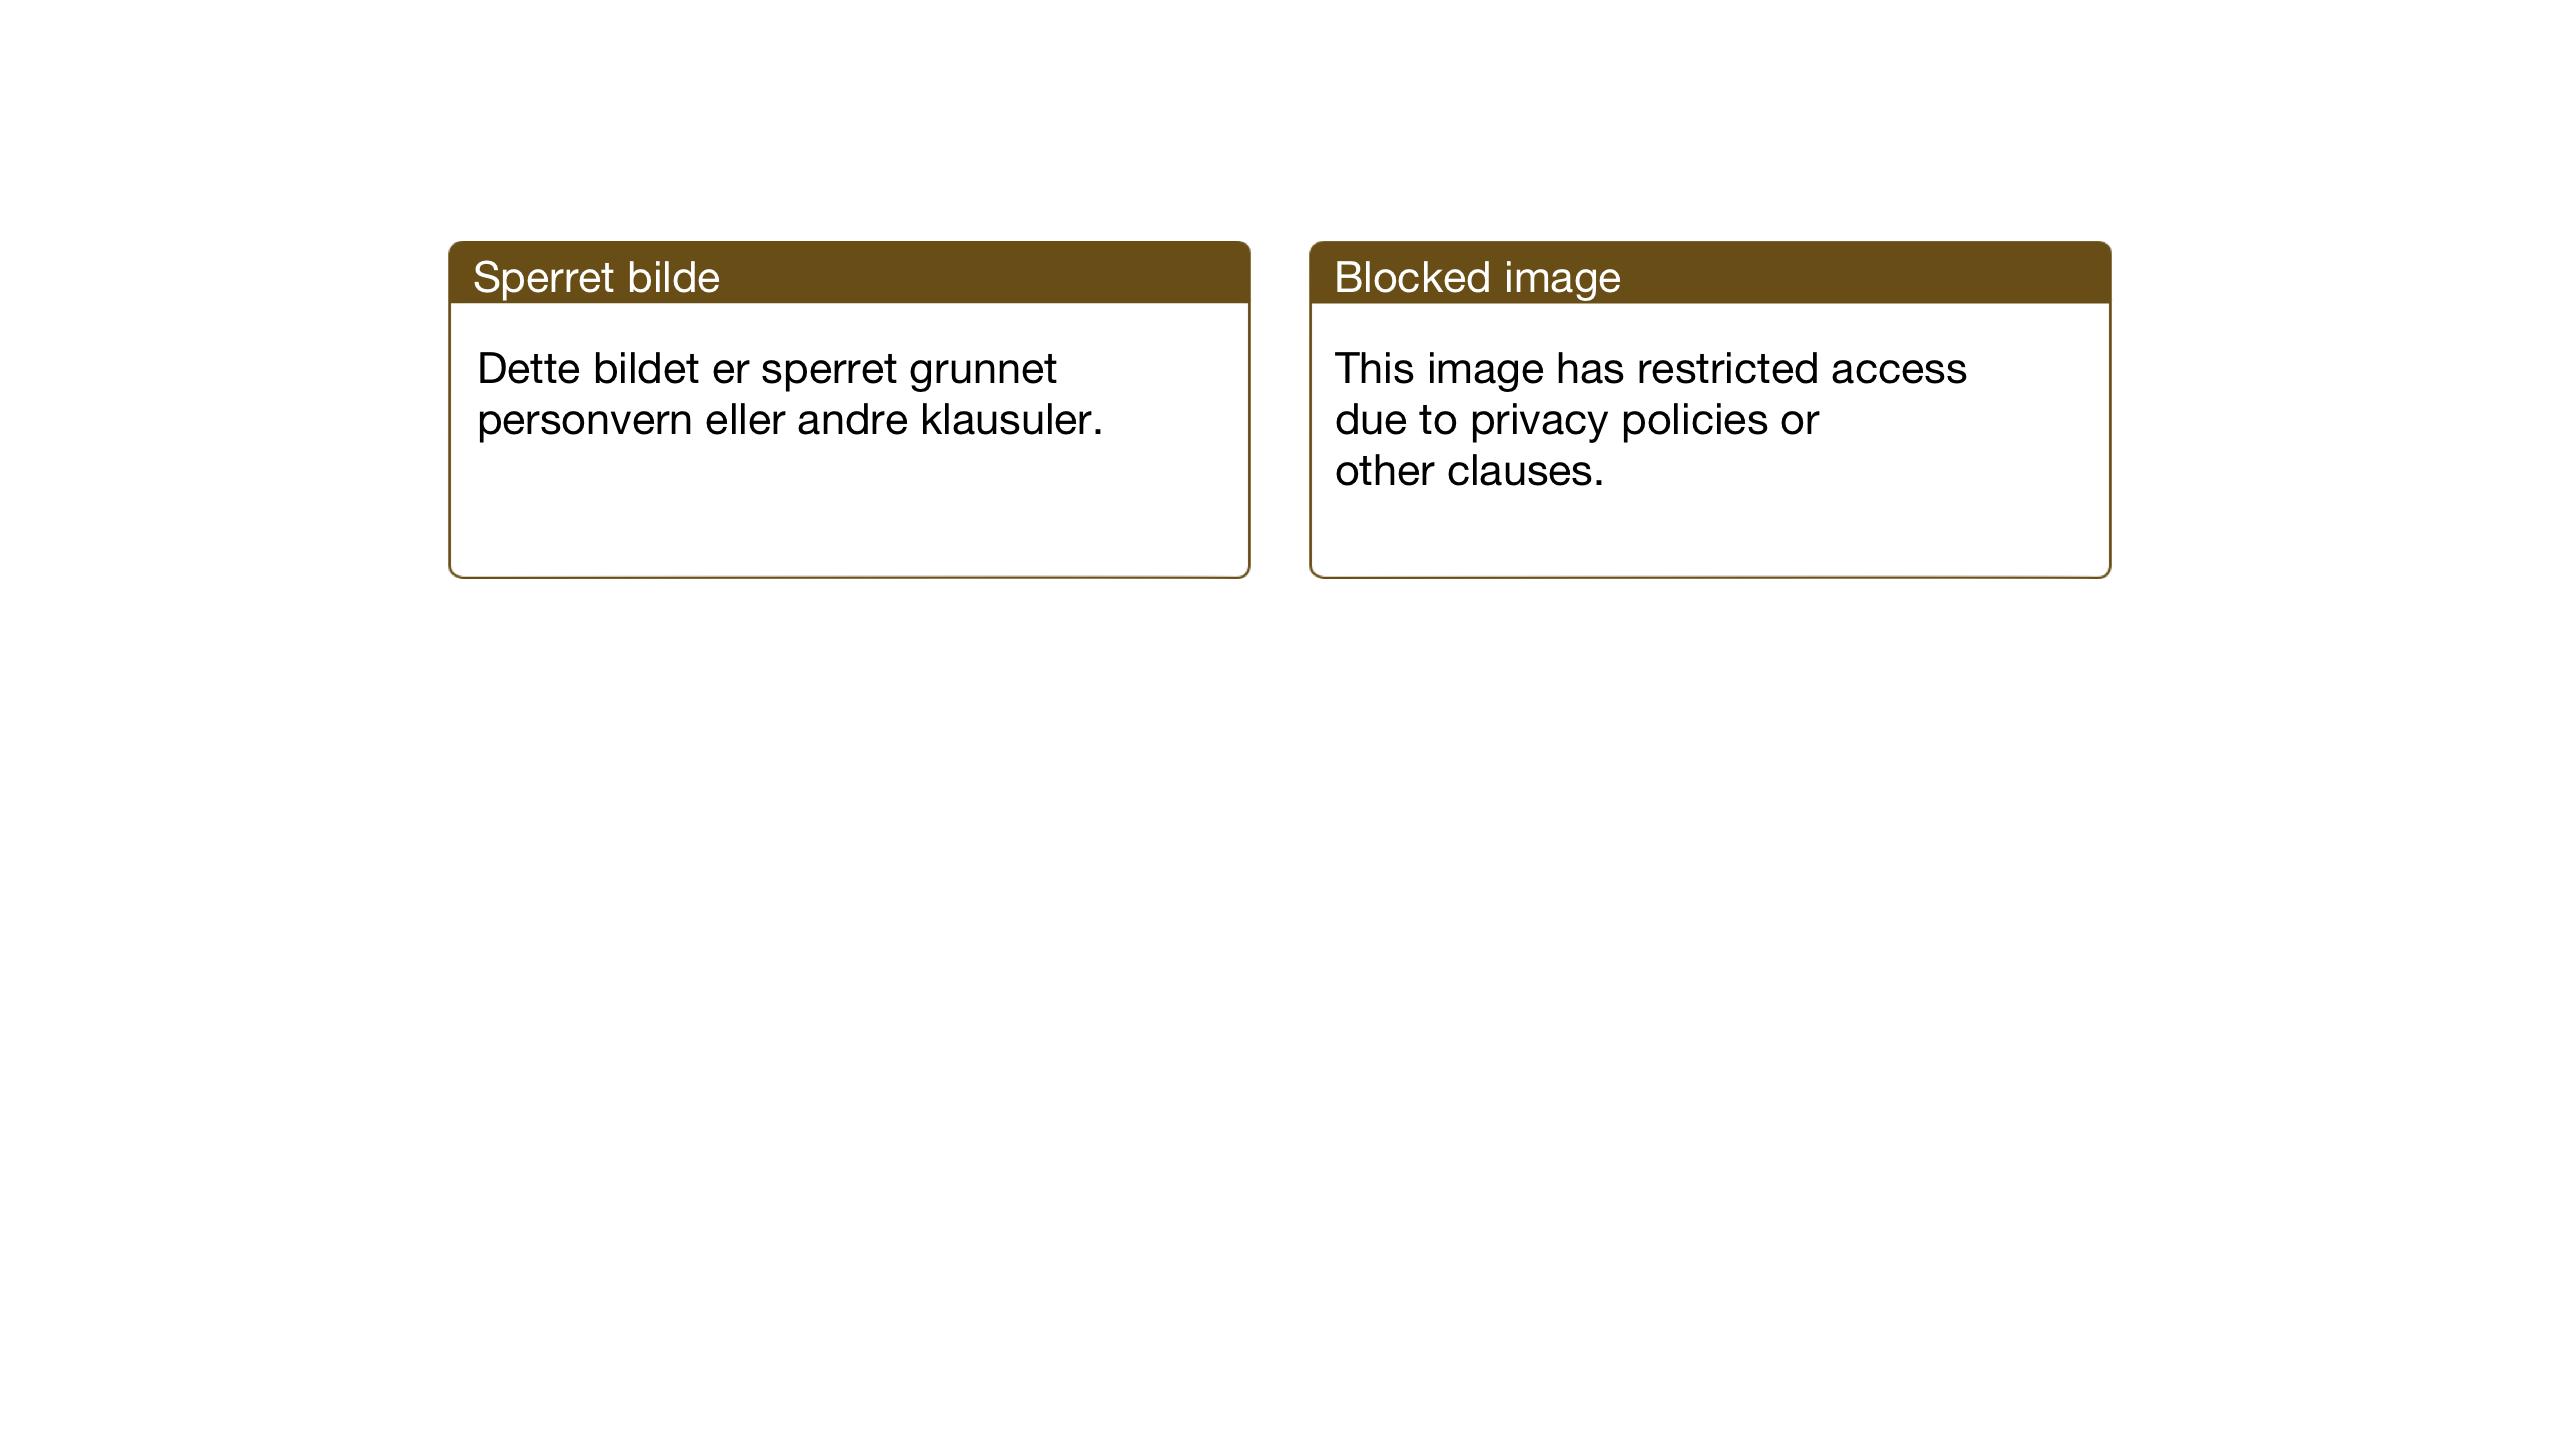 SAT, Ministerialprotokoller, klokkerbøker og fødselsregistre - Sør-Trøndelag, 607/L0328: Klokkerbok nr. 607C02, 1940-1948, s. 67